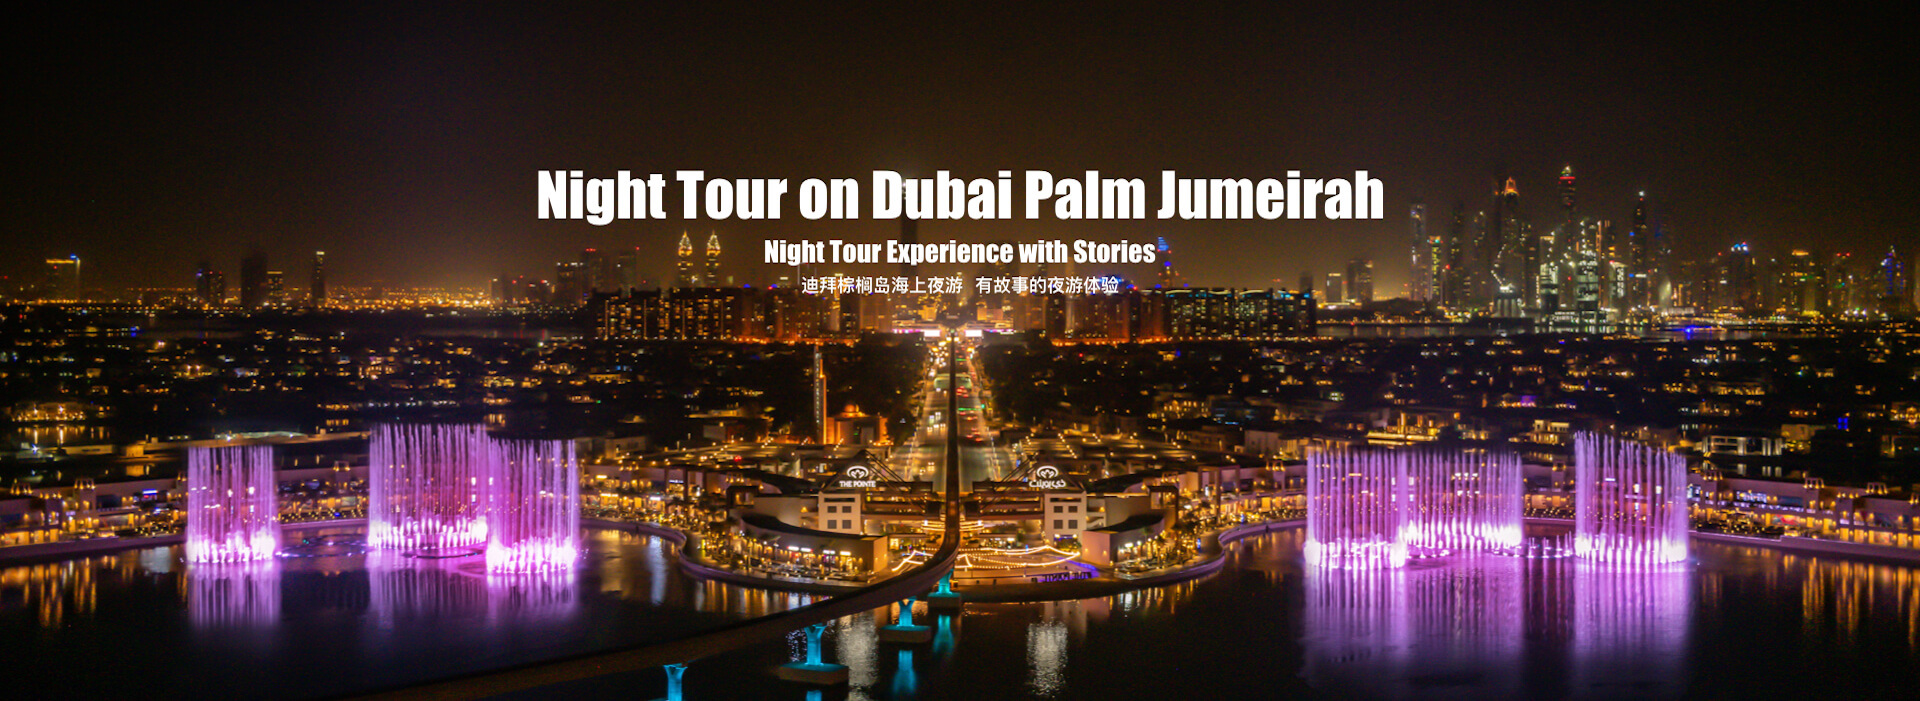 由中科水景设计及建造的迪拜喷泉